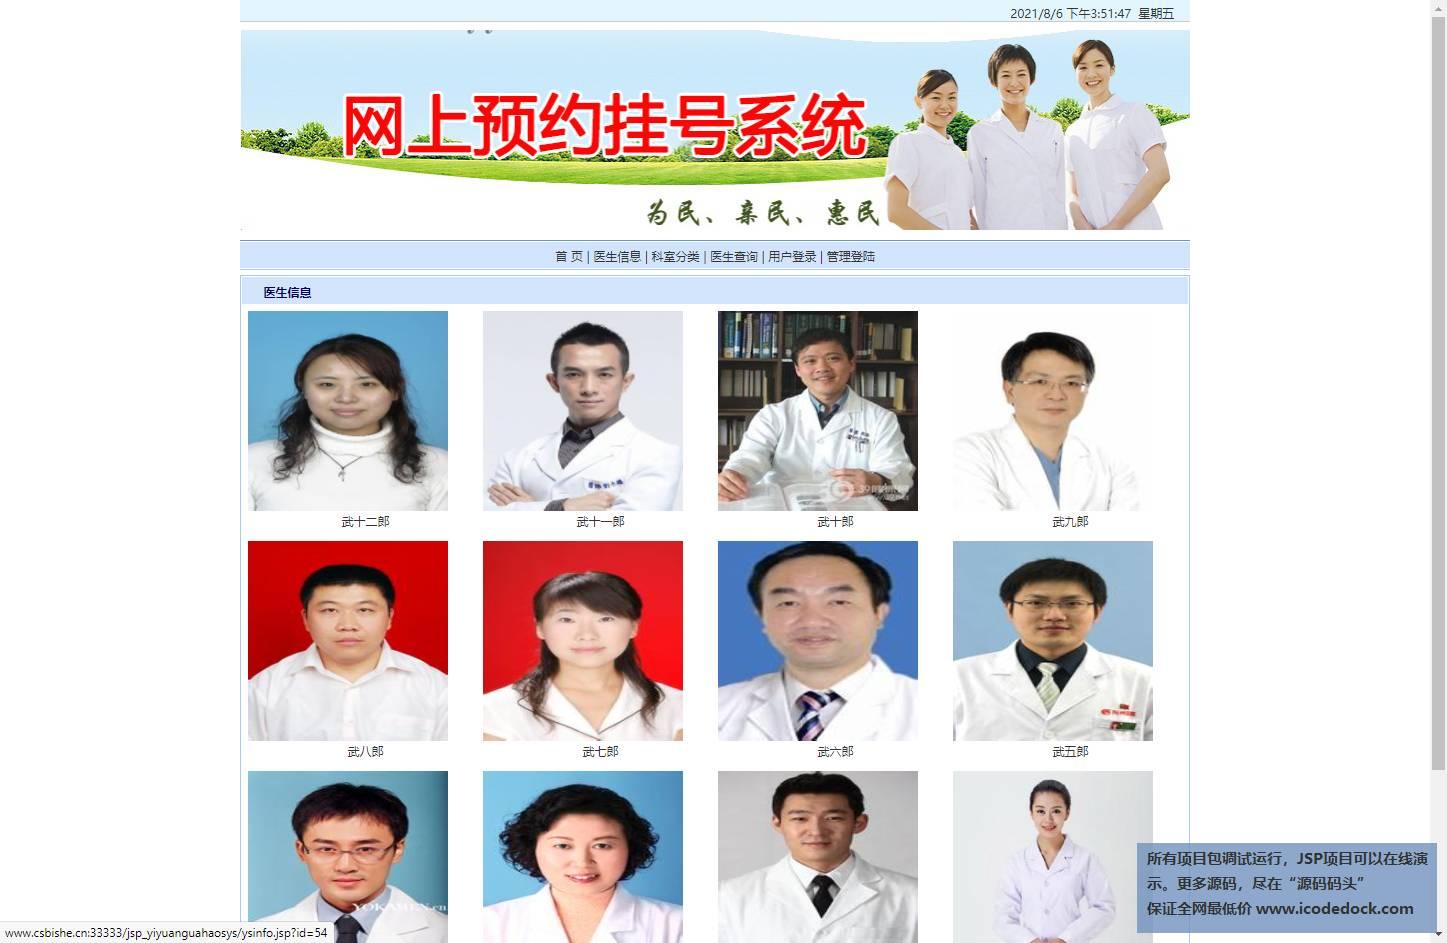 源码码头-JSP医院在线挂号管理系统-患者角色-查看首页